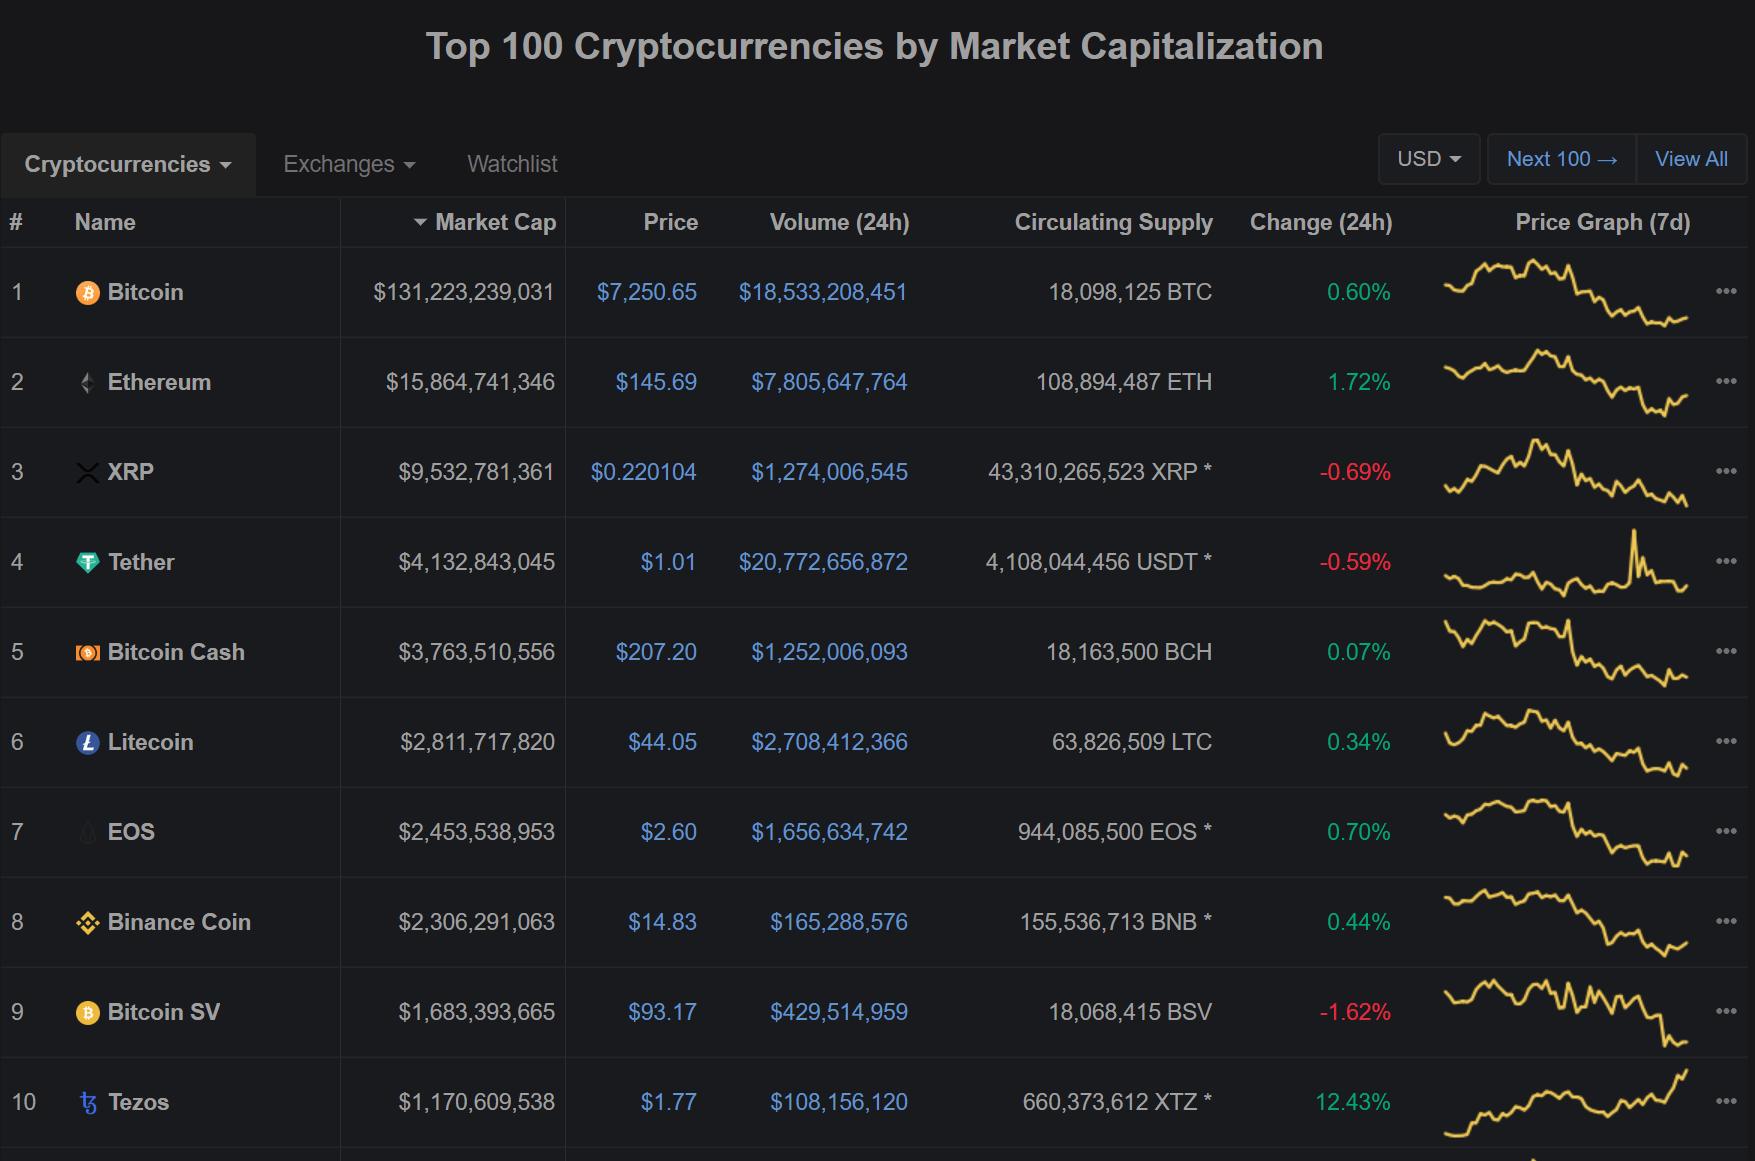 CoinMarketCap Top 100 cryptos